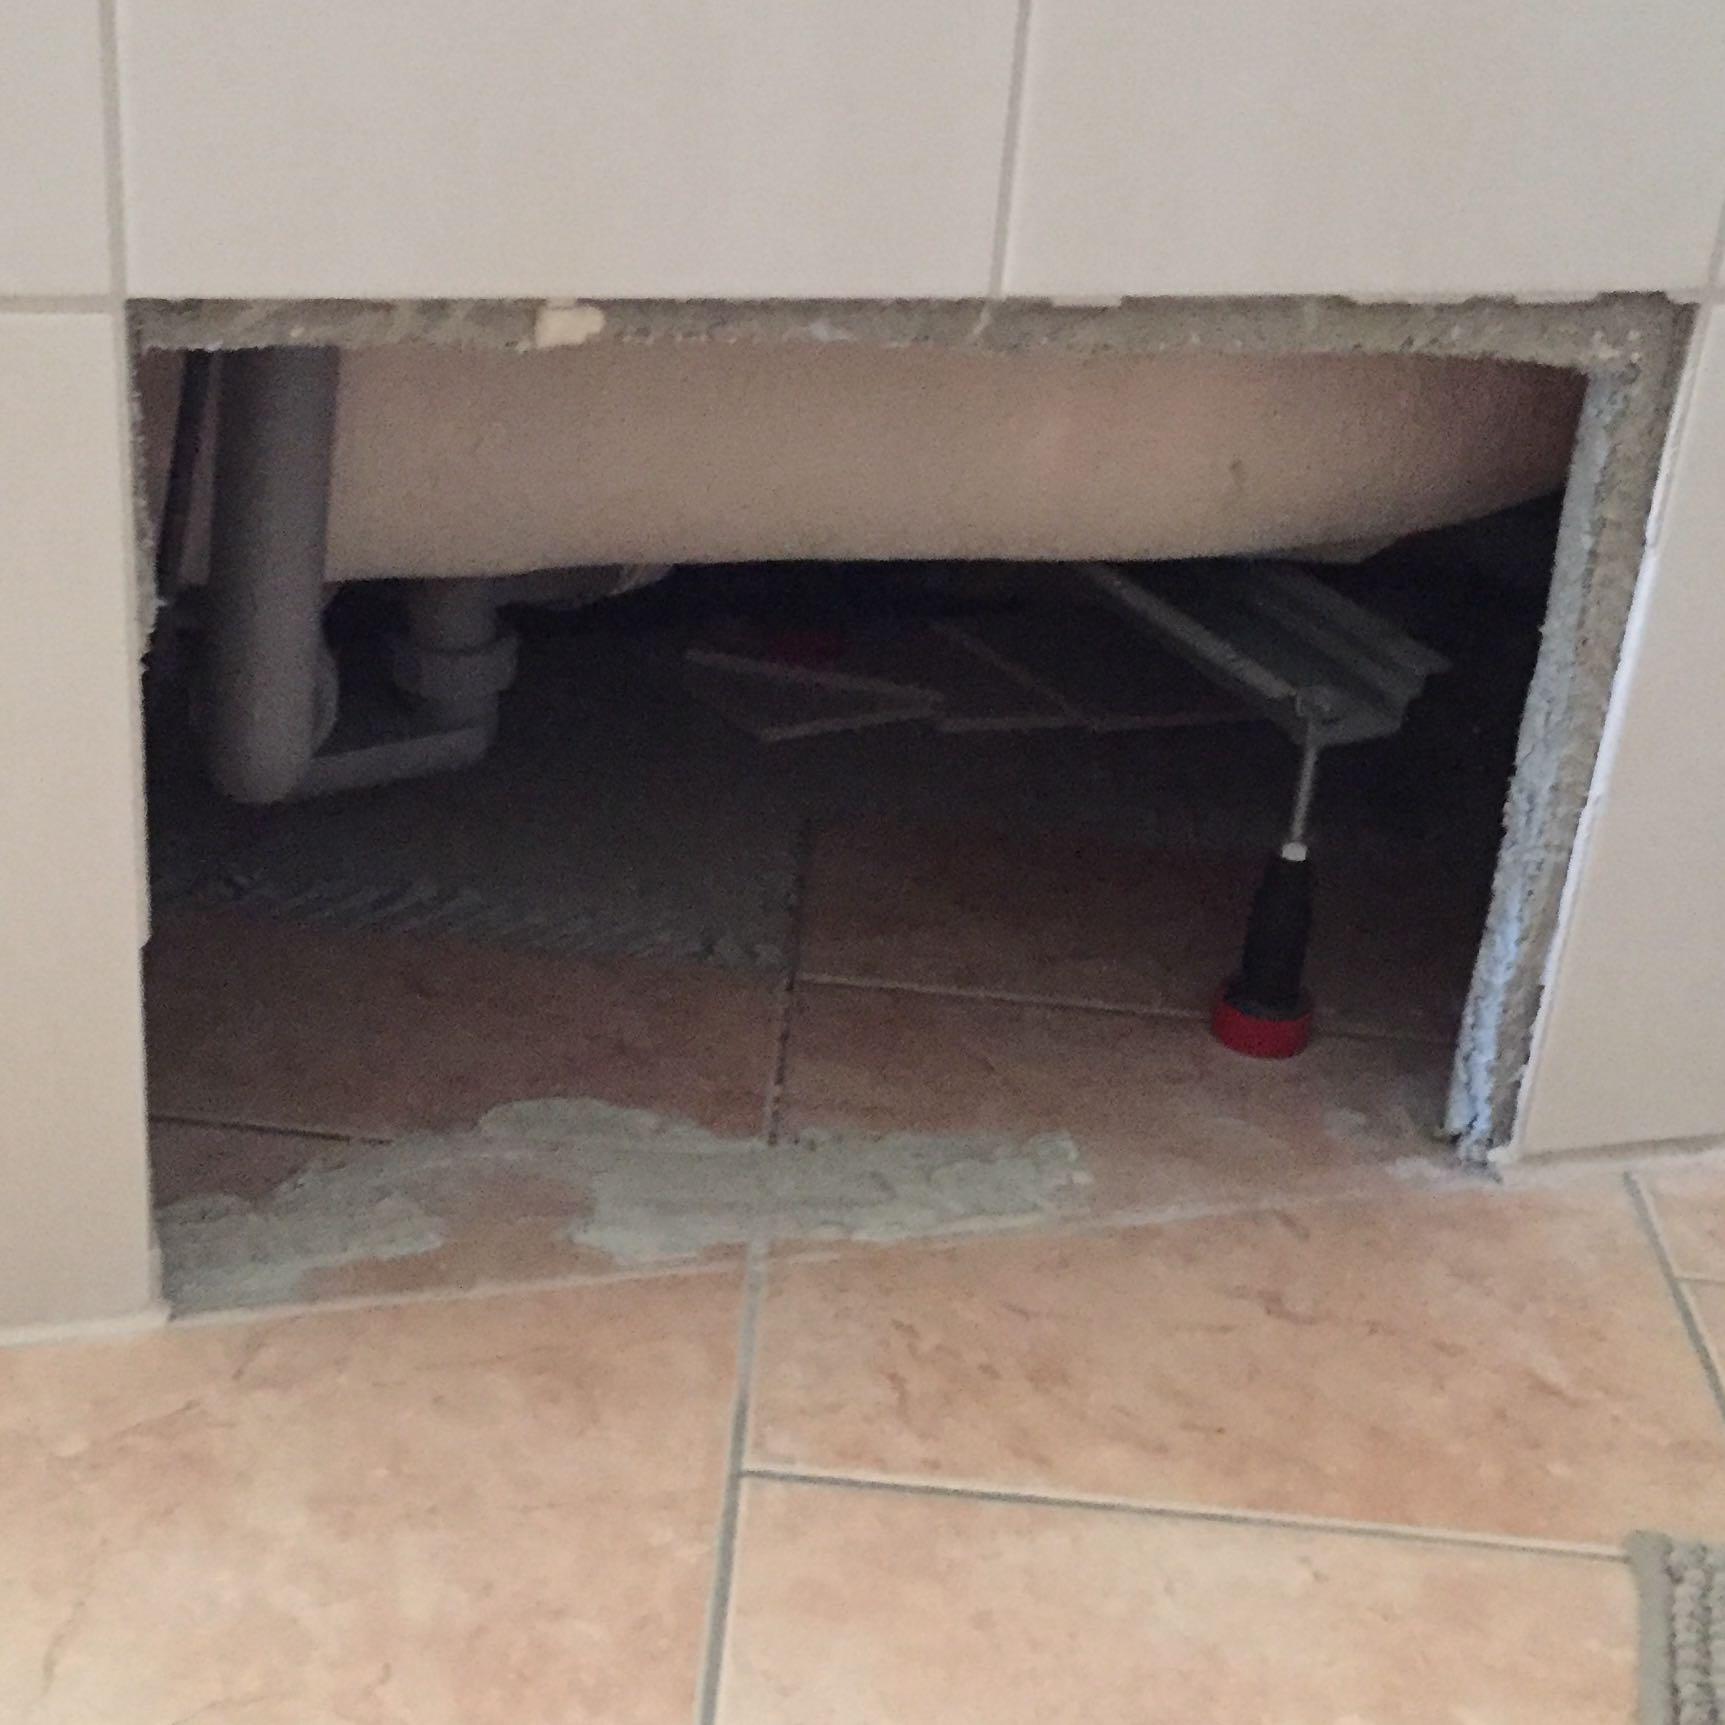 nach einem wasserschaden haben wir nun 2 kaputte platten unter der badewanne wie kann ich das. Black Bedroom Furniture Sets. Home Design Ideas